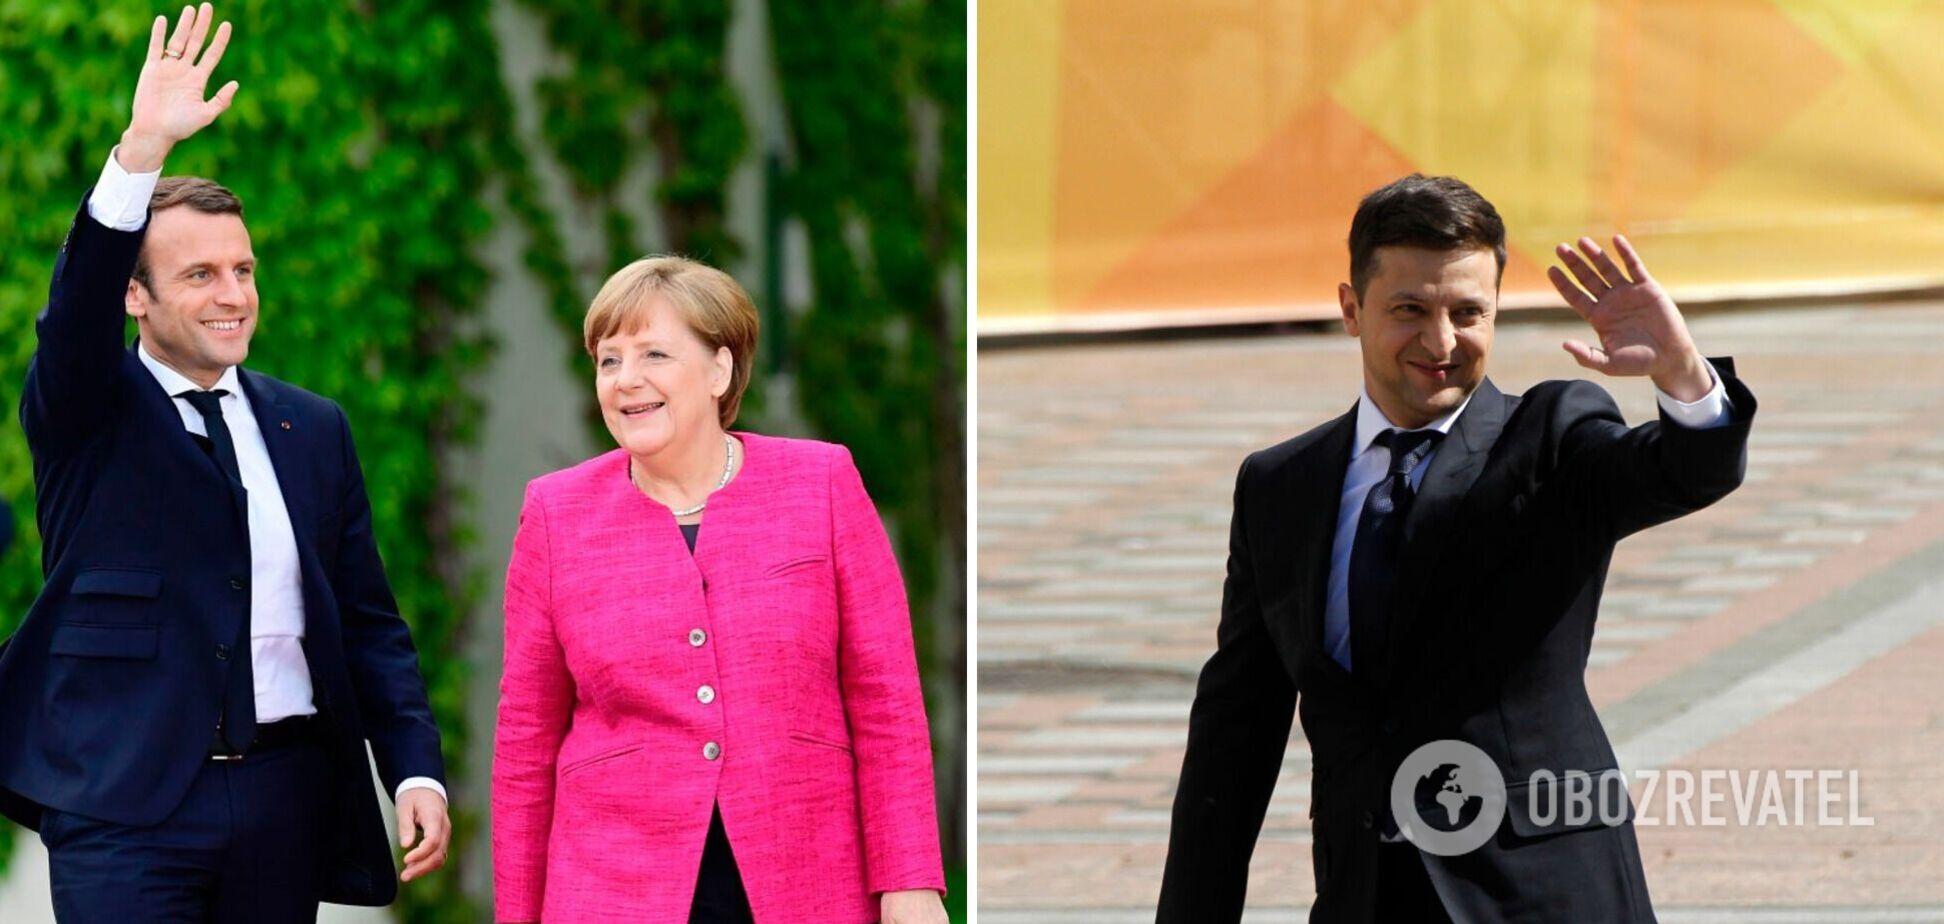 Президент Франции Эммануэль Макрон, канцлер ФРГ Ангела Меркель и президент Украины Владимир Зеленский